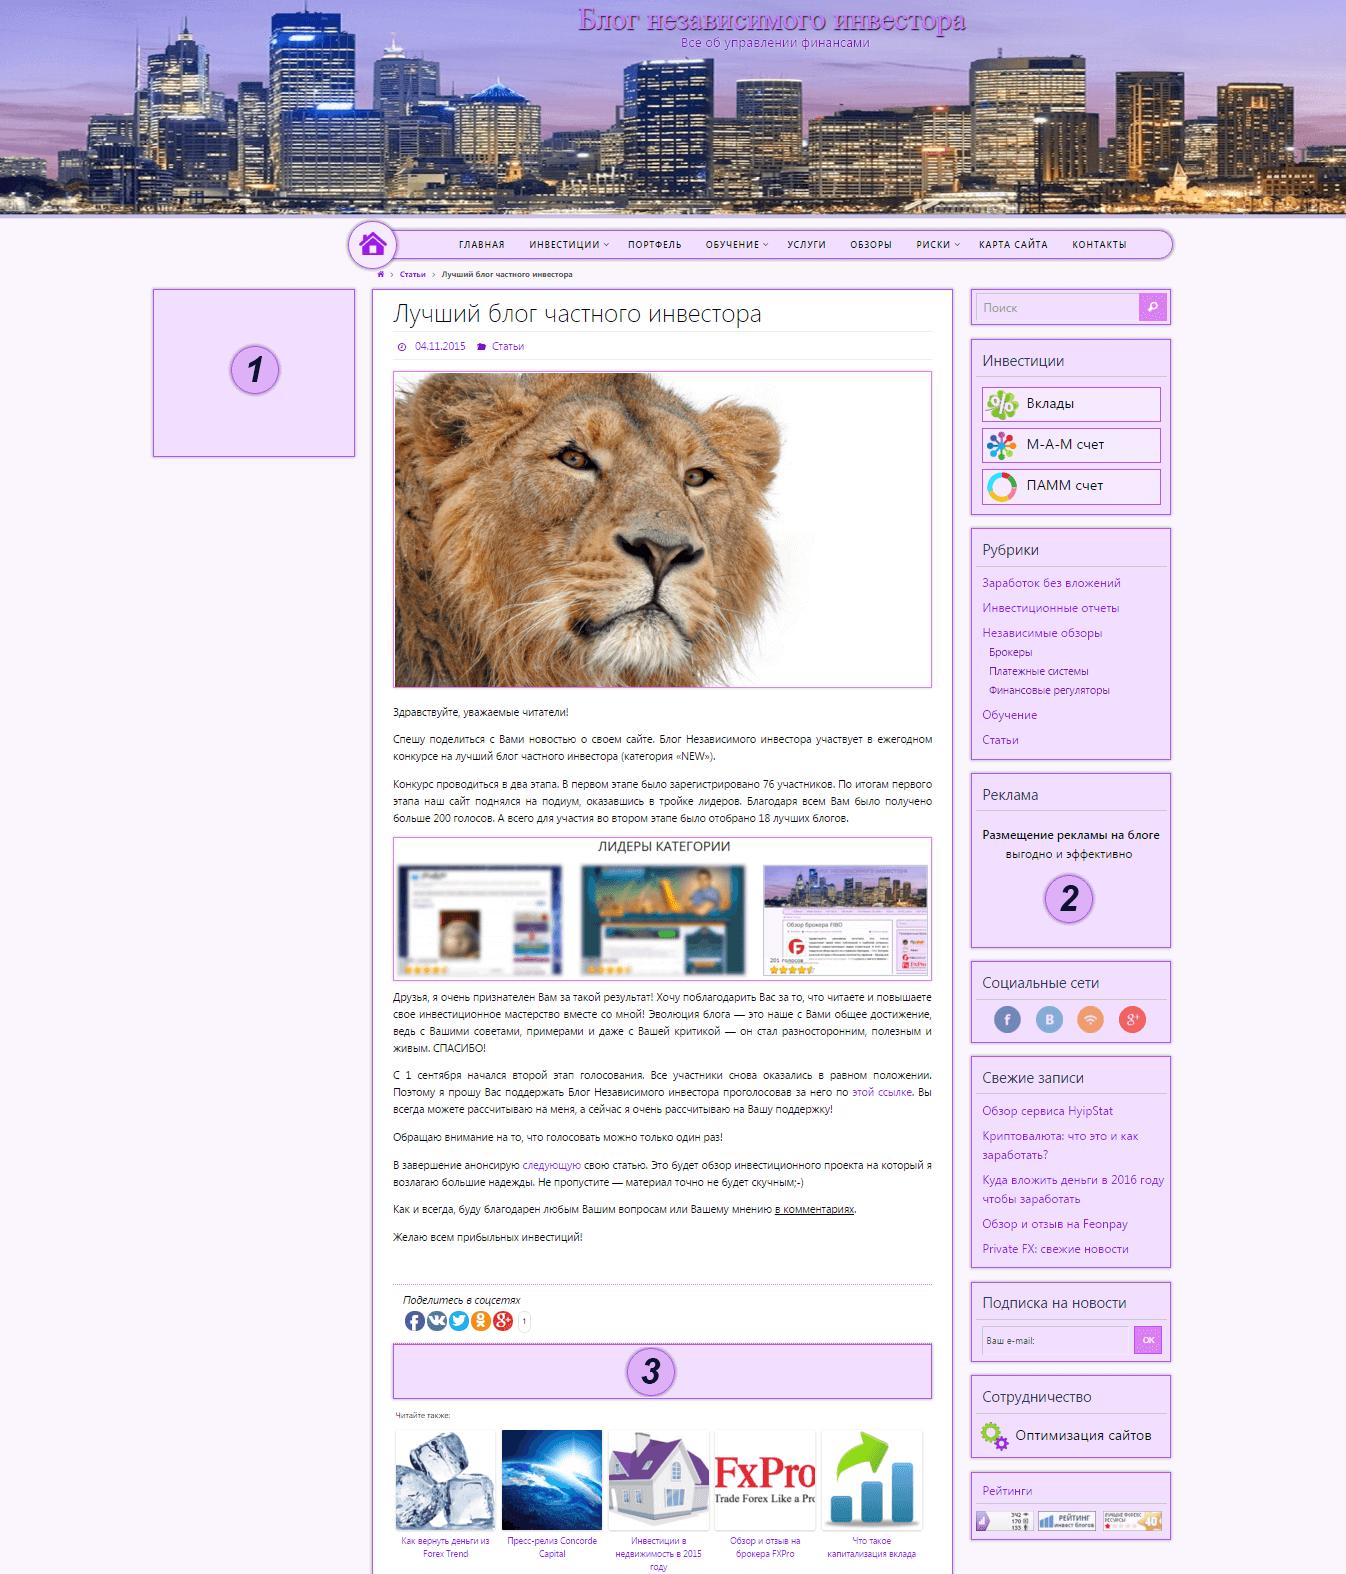 Размещение баннеров на сайте